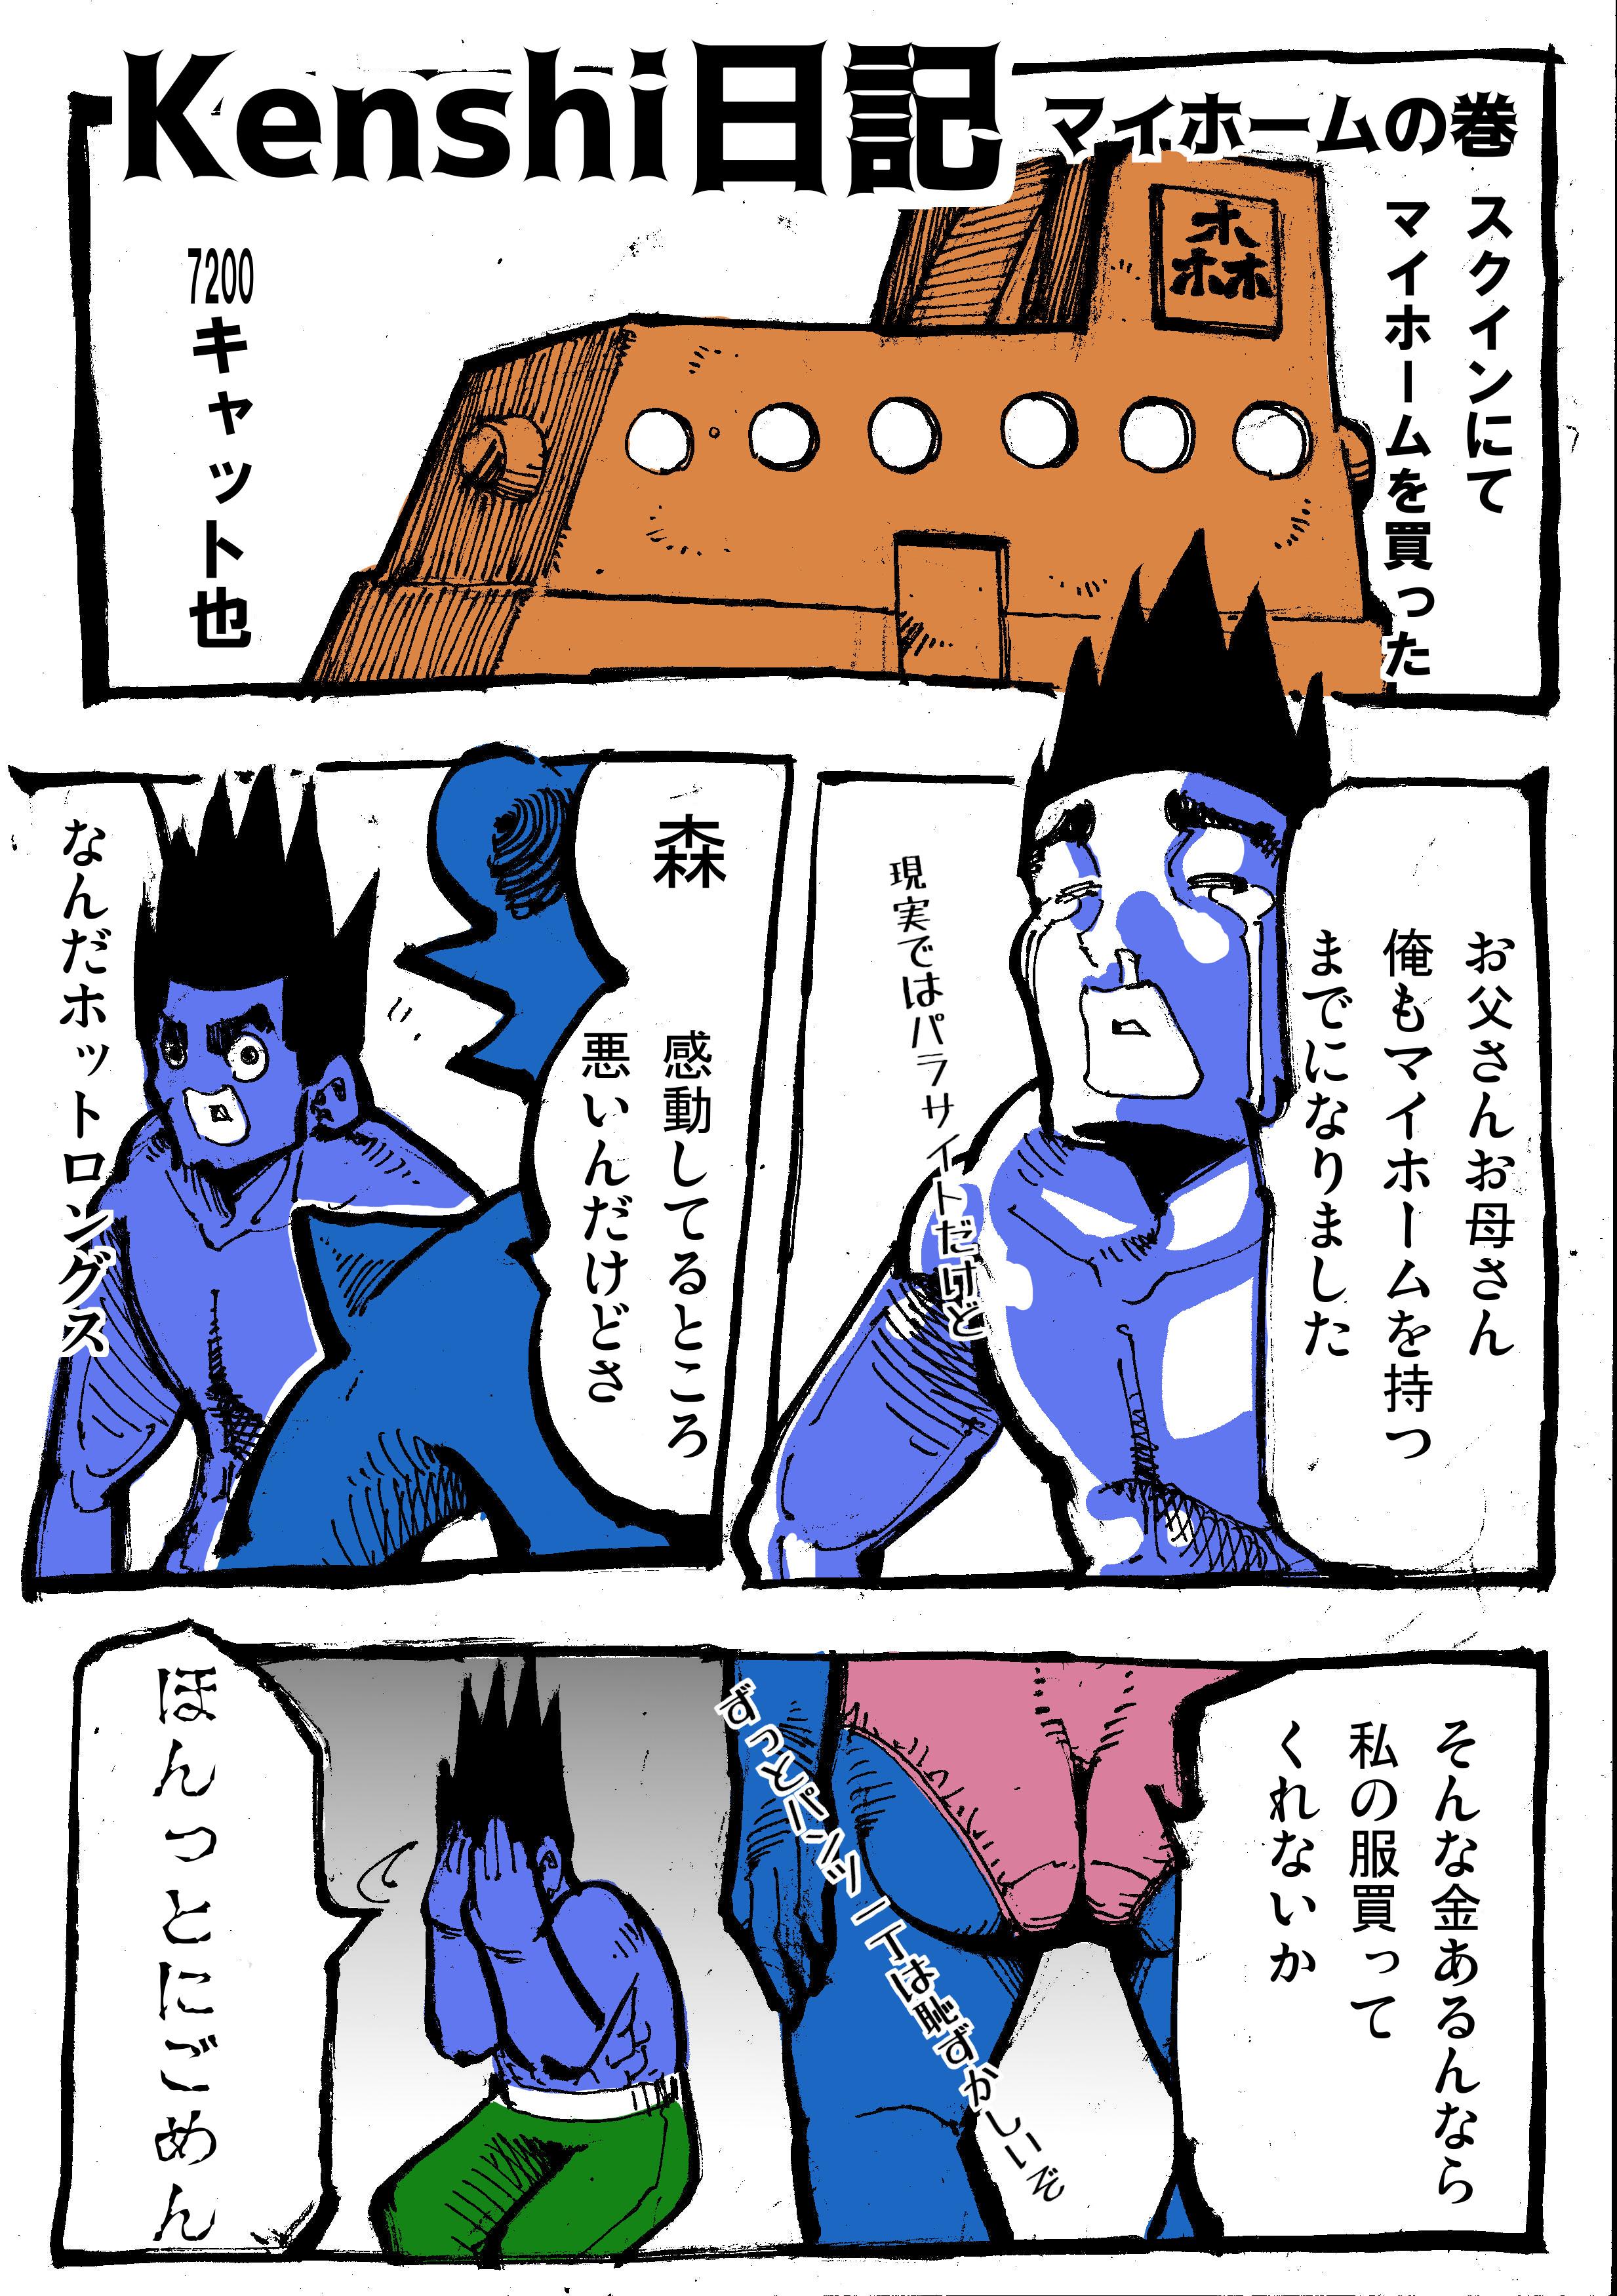 Kenshi日記5 マイホームの巻